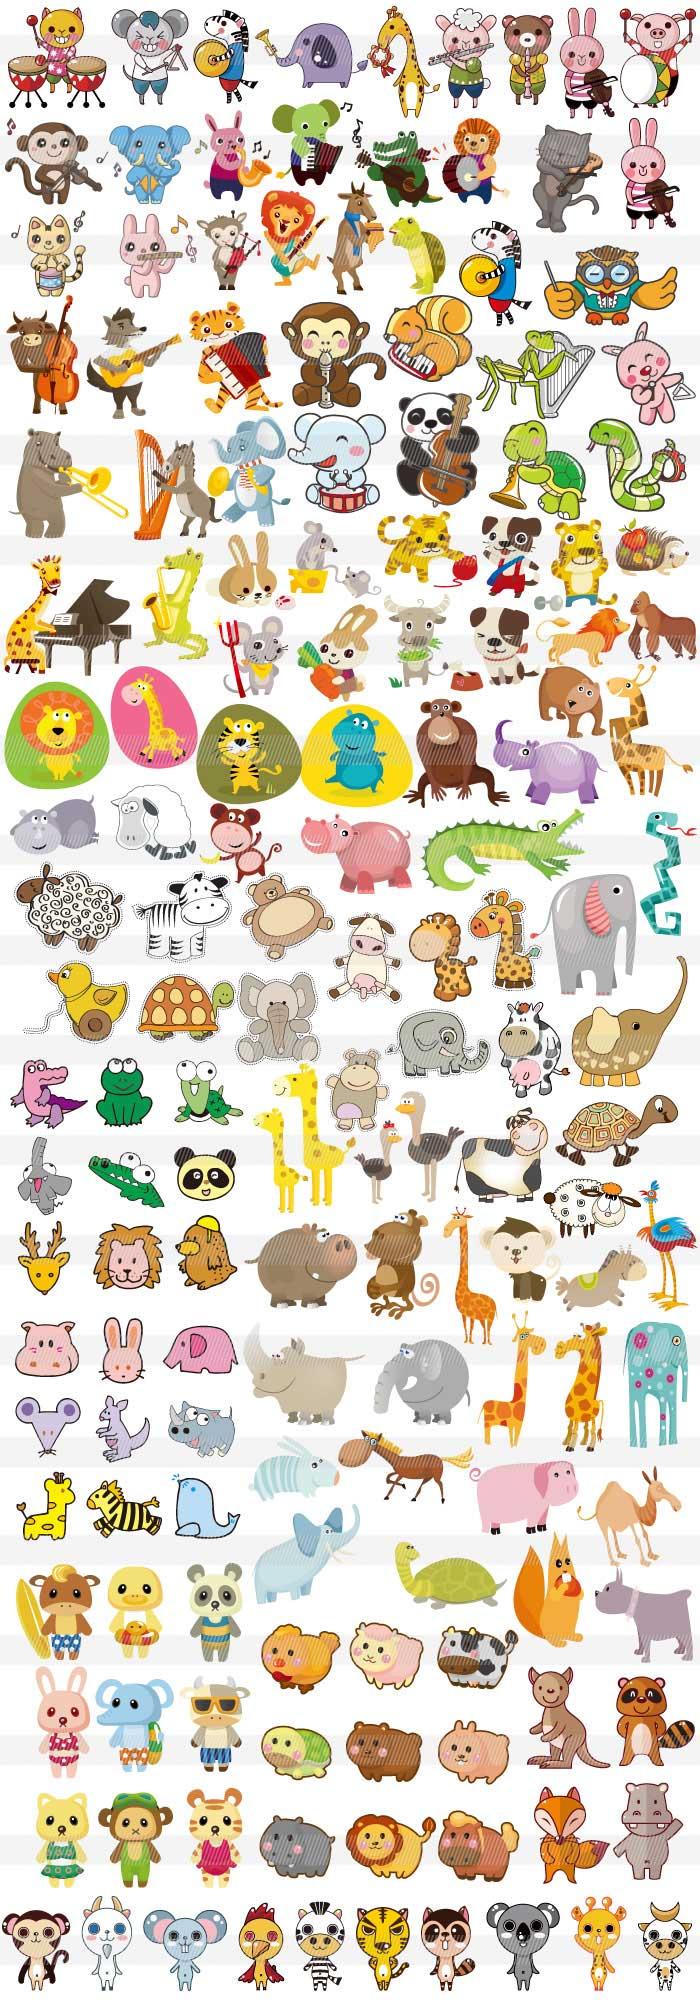 動物のキャラクター2